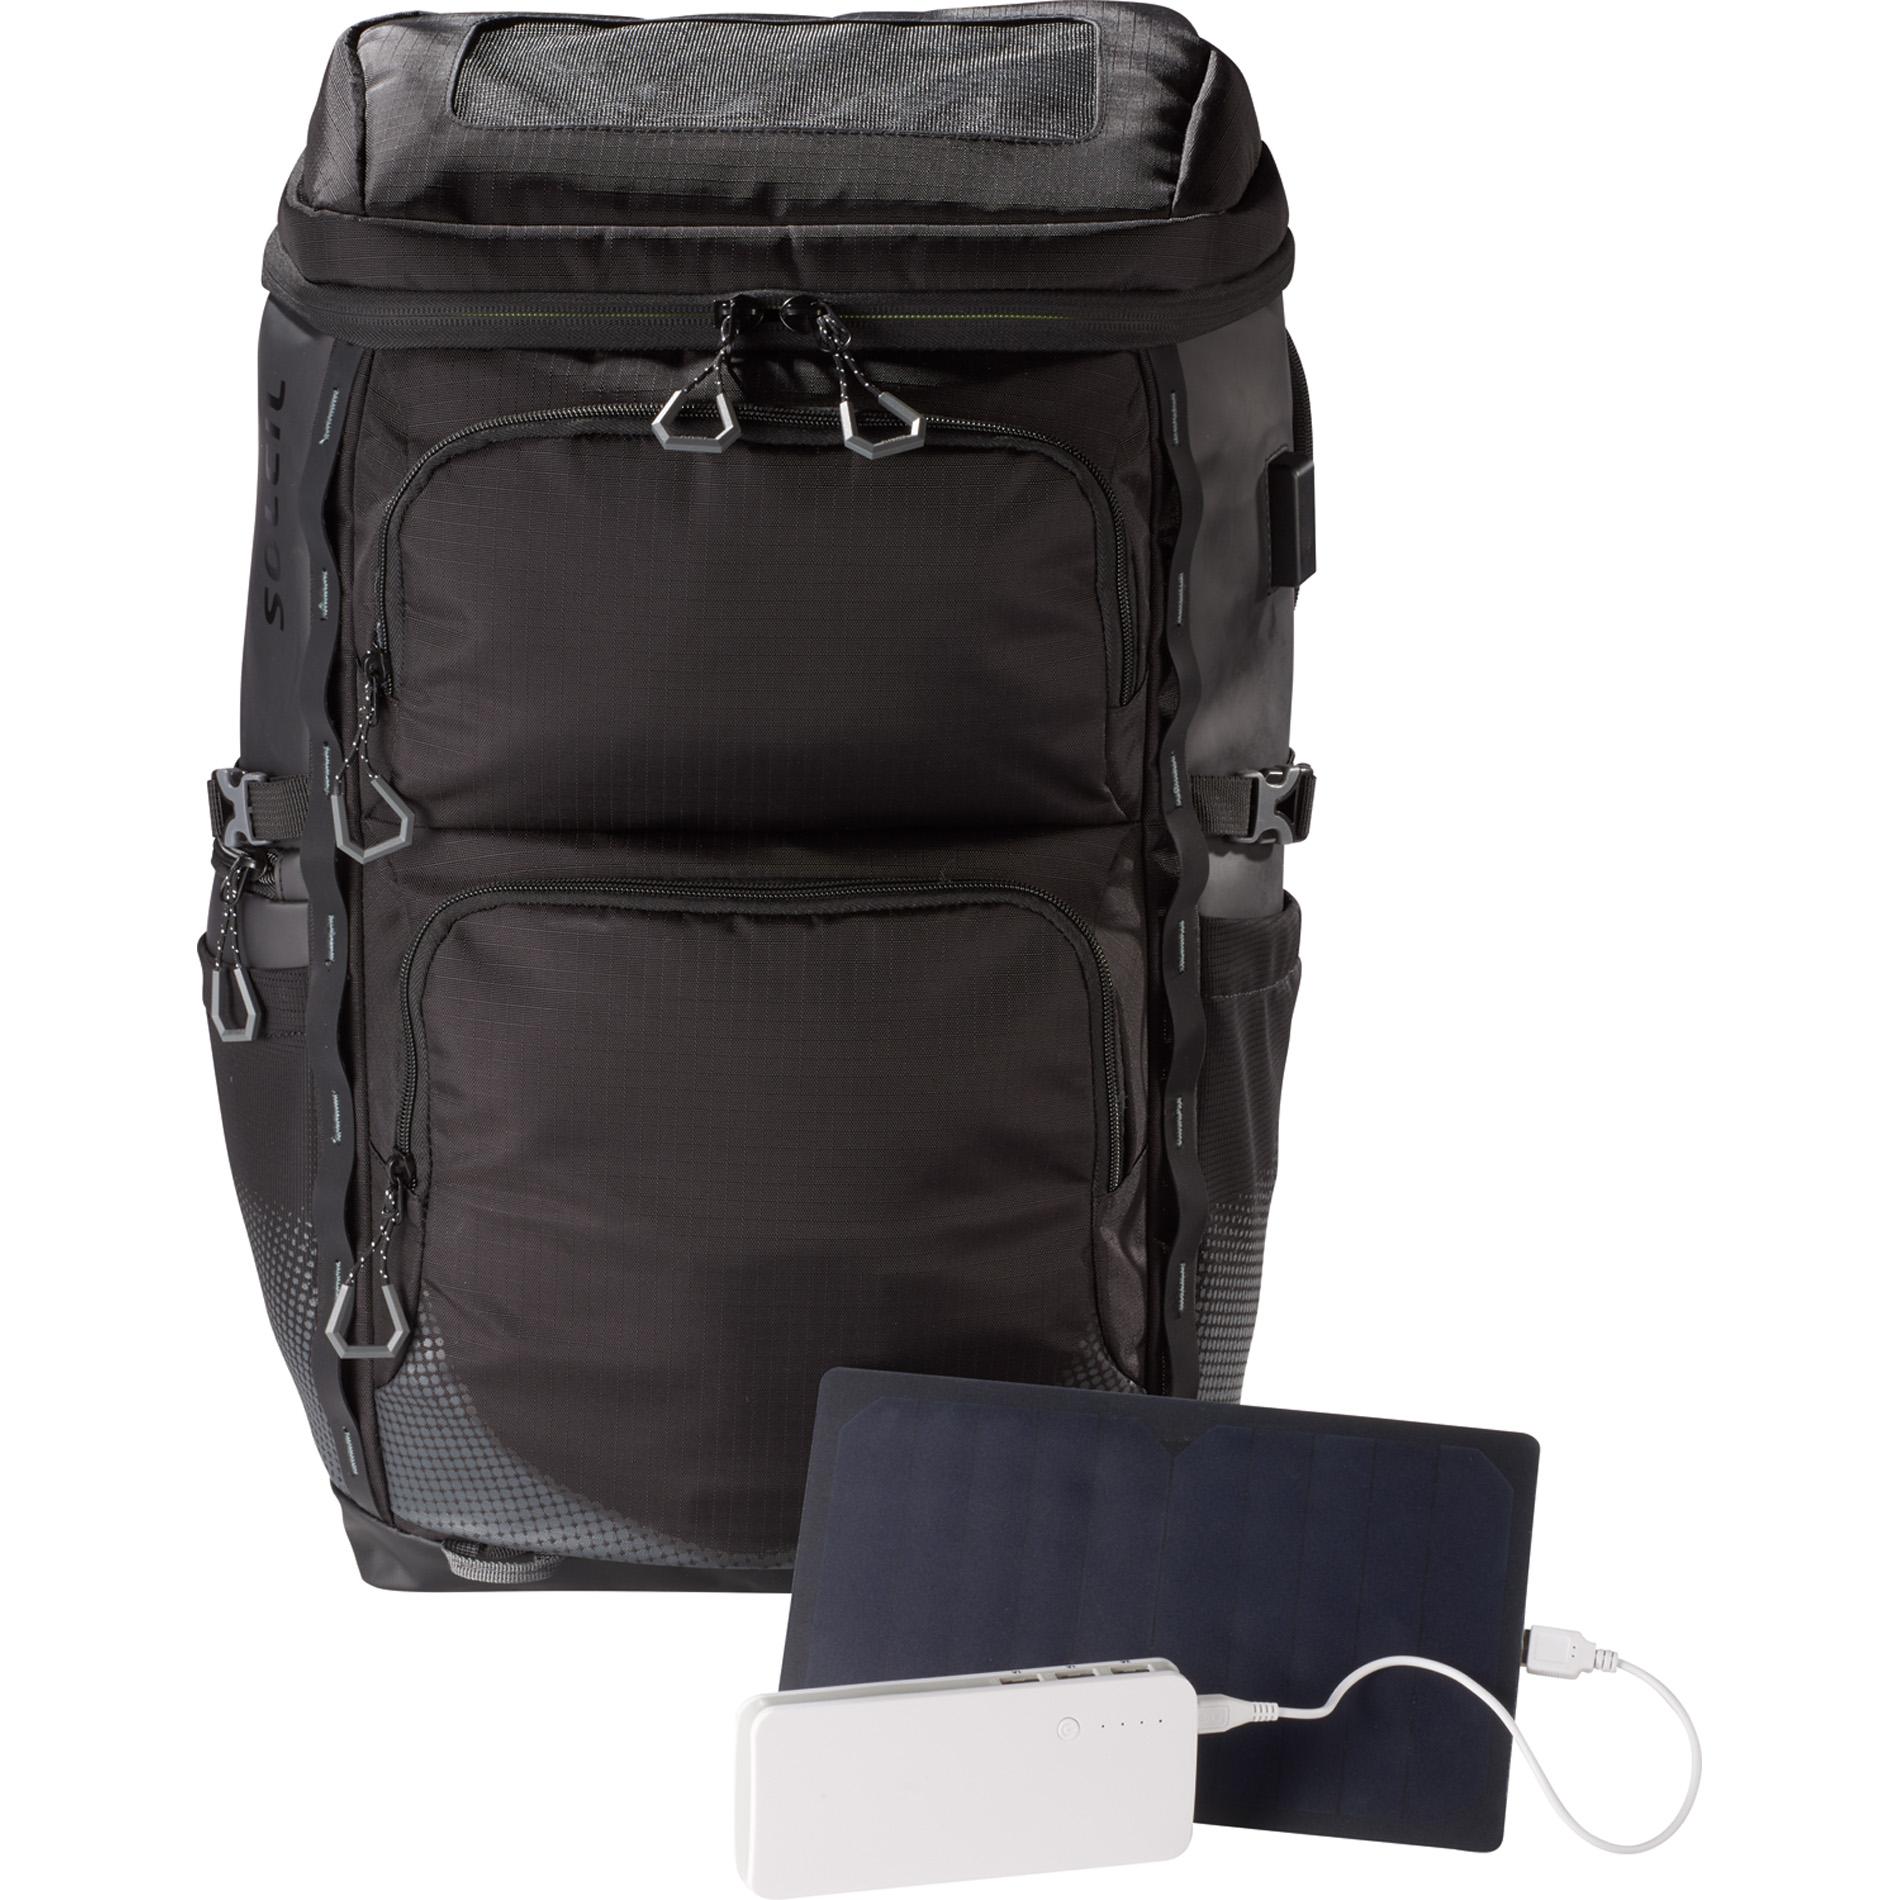 Elevate 1975-22 - Soleil Backpack w/ 10000 mAh Powerbank